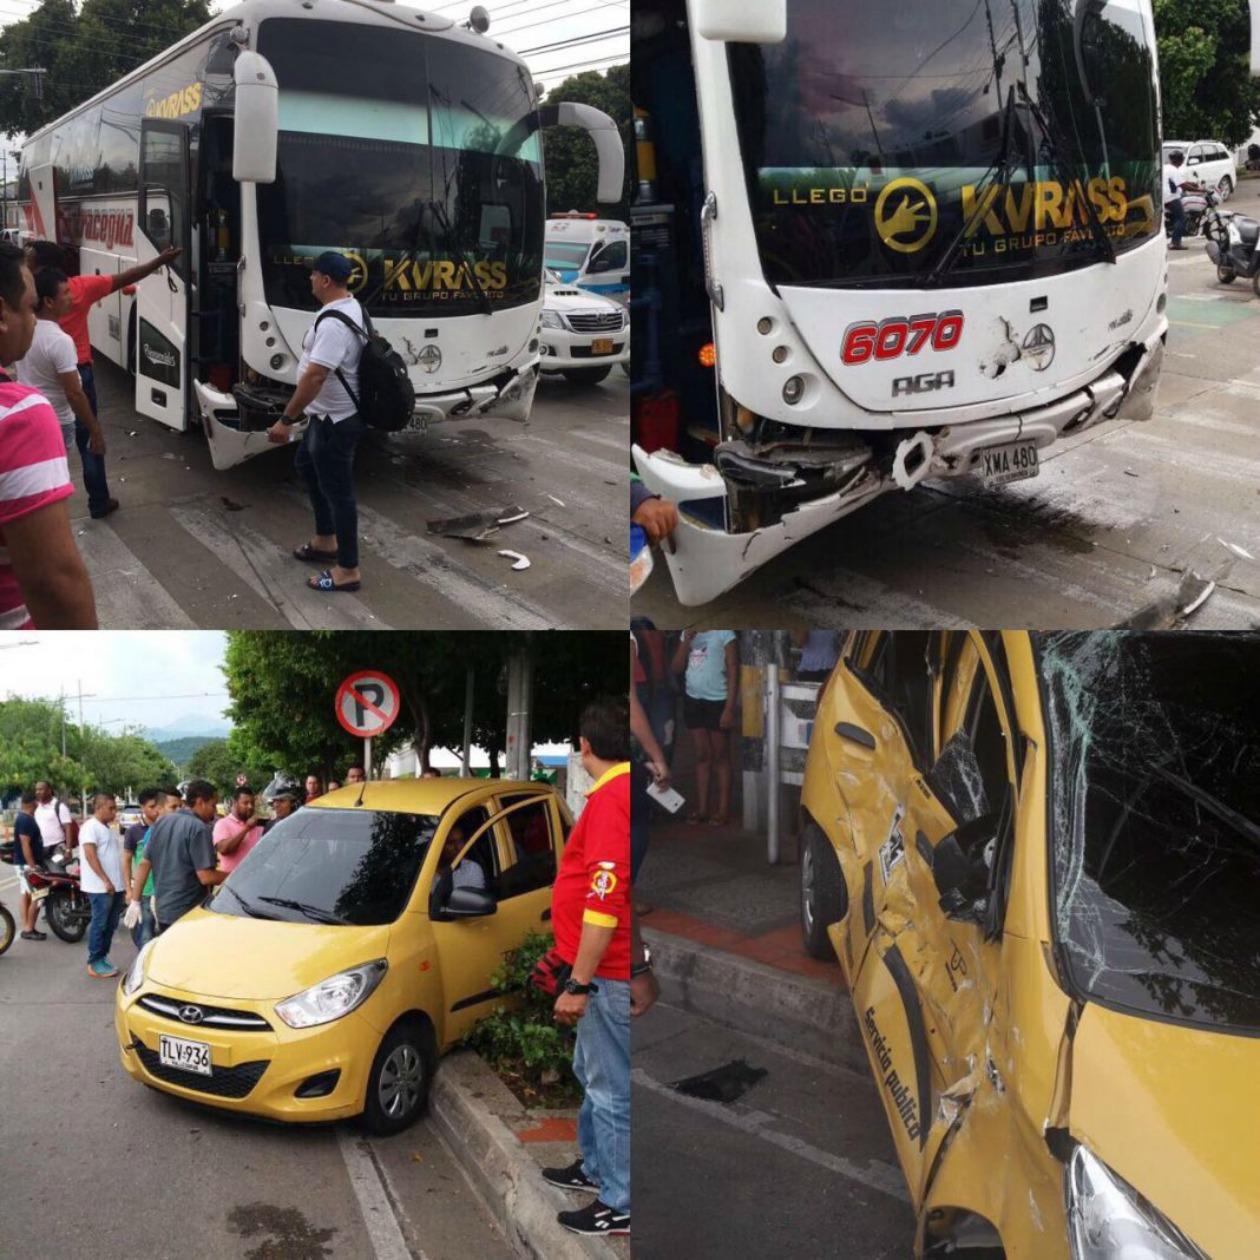 Accidente del grupo Kvrass en Valledupar